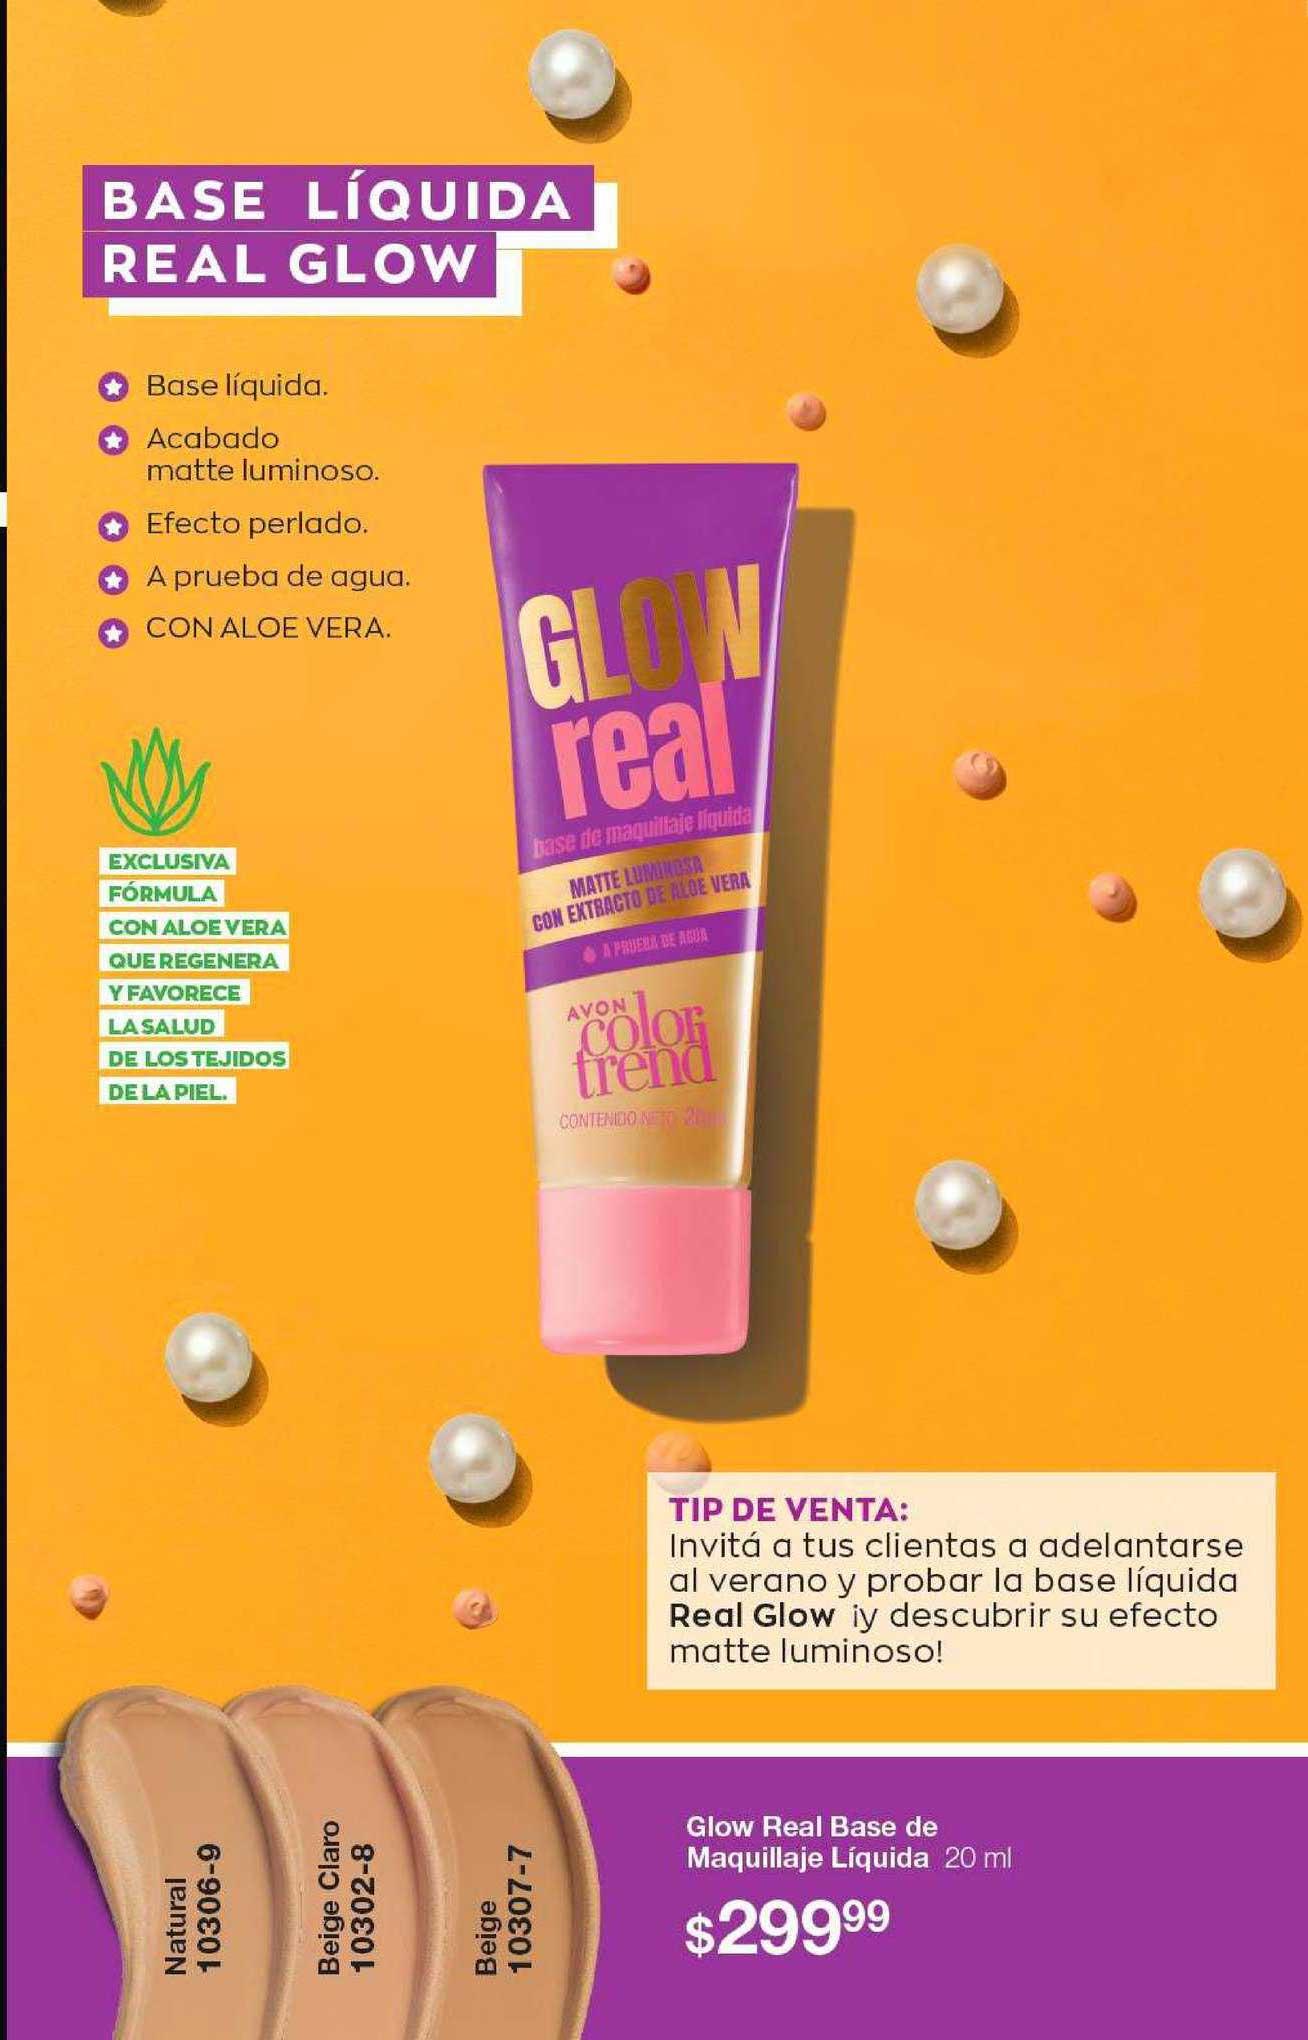 Avon Glow Real Base De Maquillaje Líquida